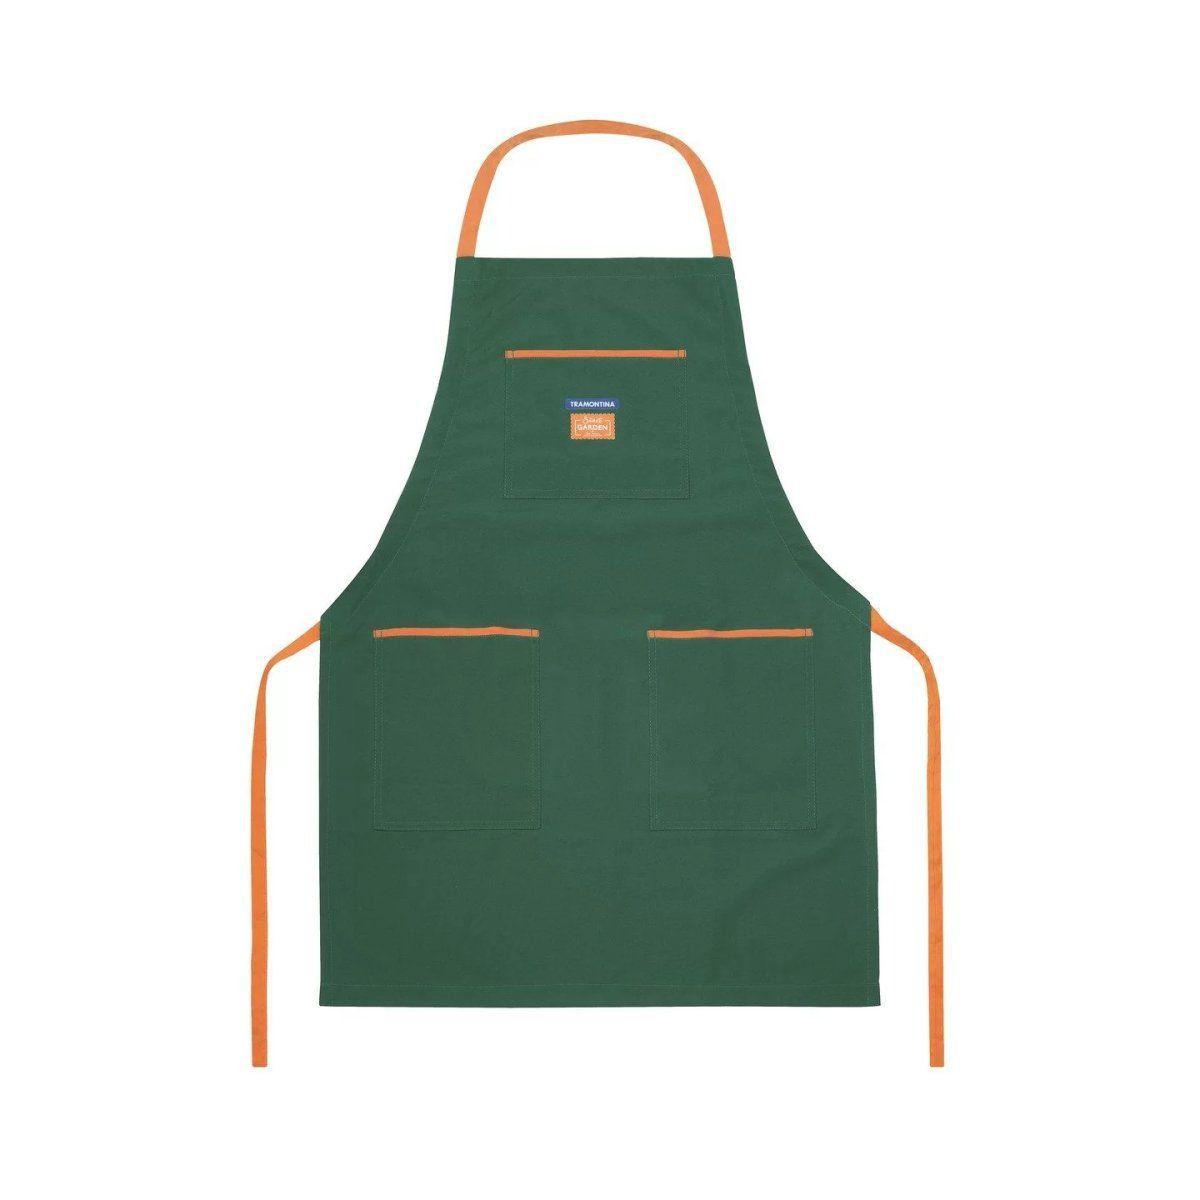 Avental para Jardinagem em Tecido Poliéster Verde - Tramontina